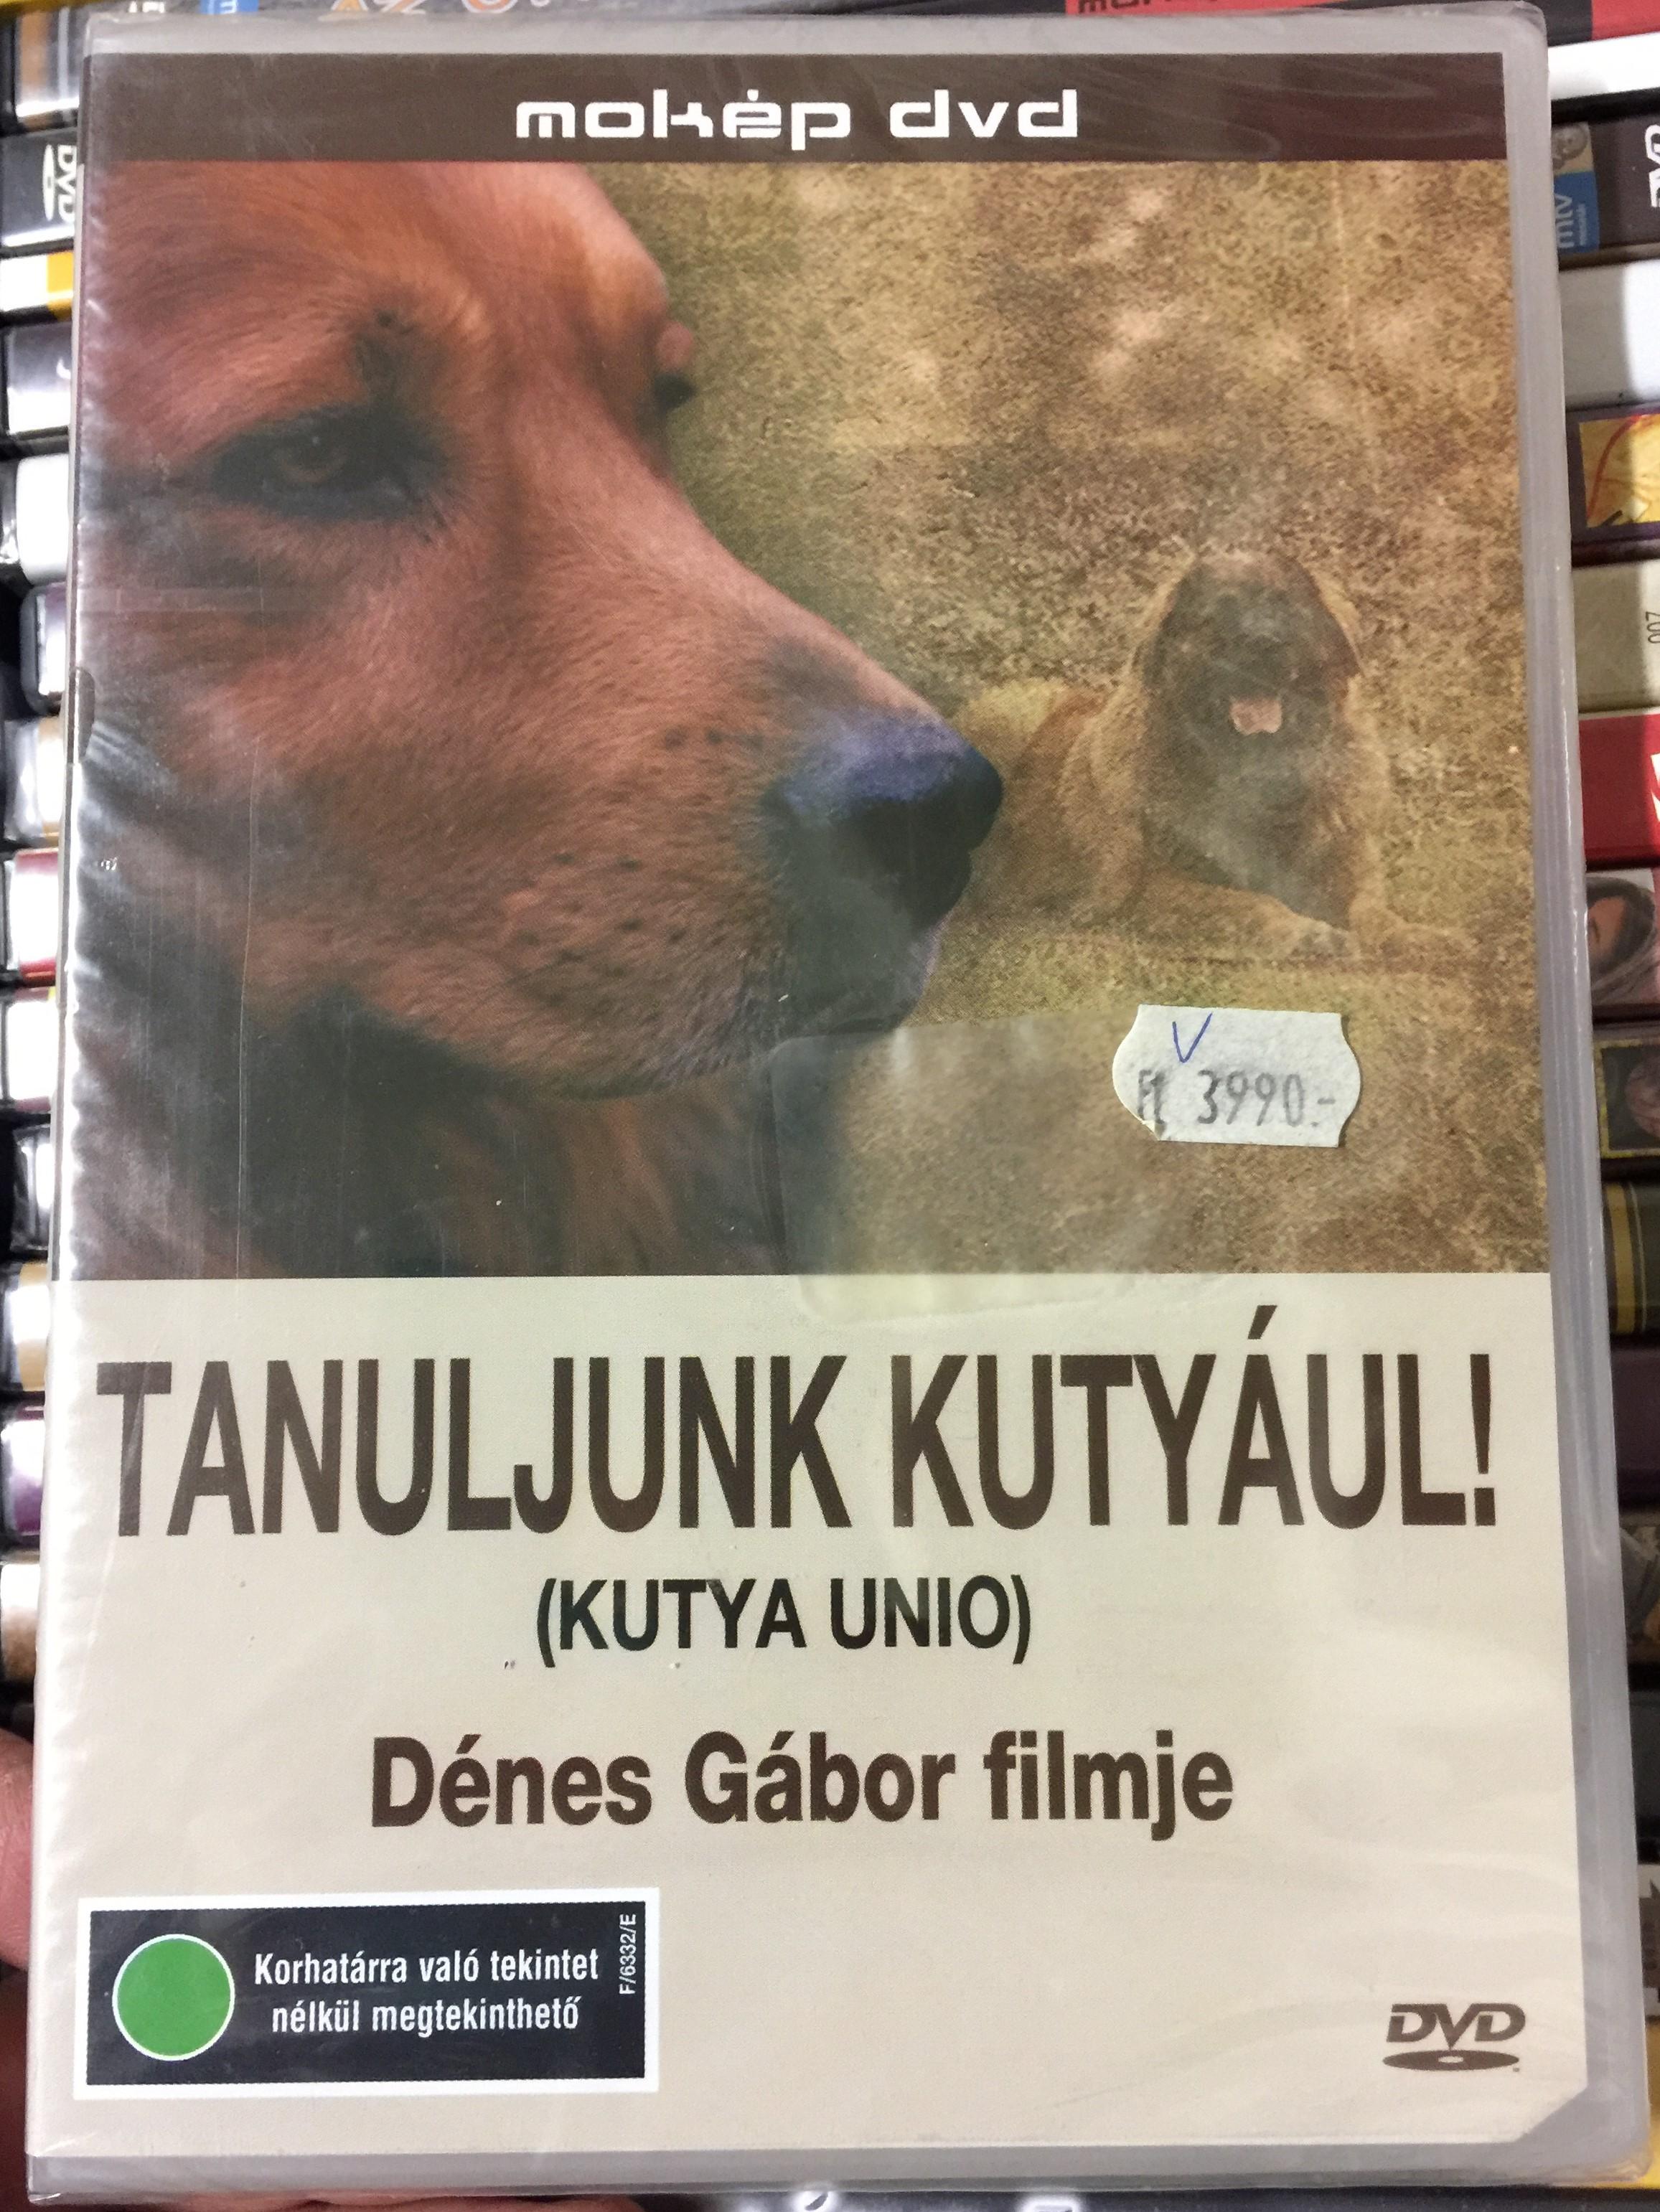 tanuljunk-kuty-ul-dvd-2006-kutya-unio-learn-dog-language-1.jpg